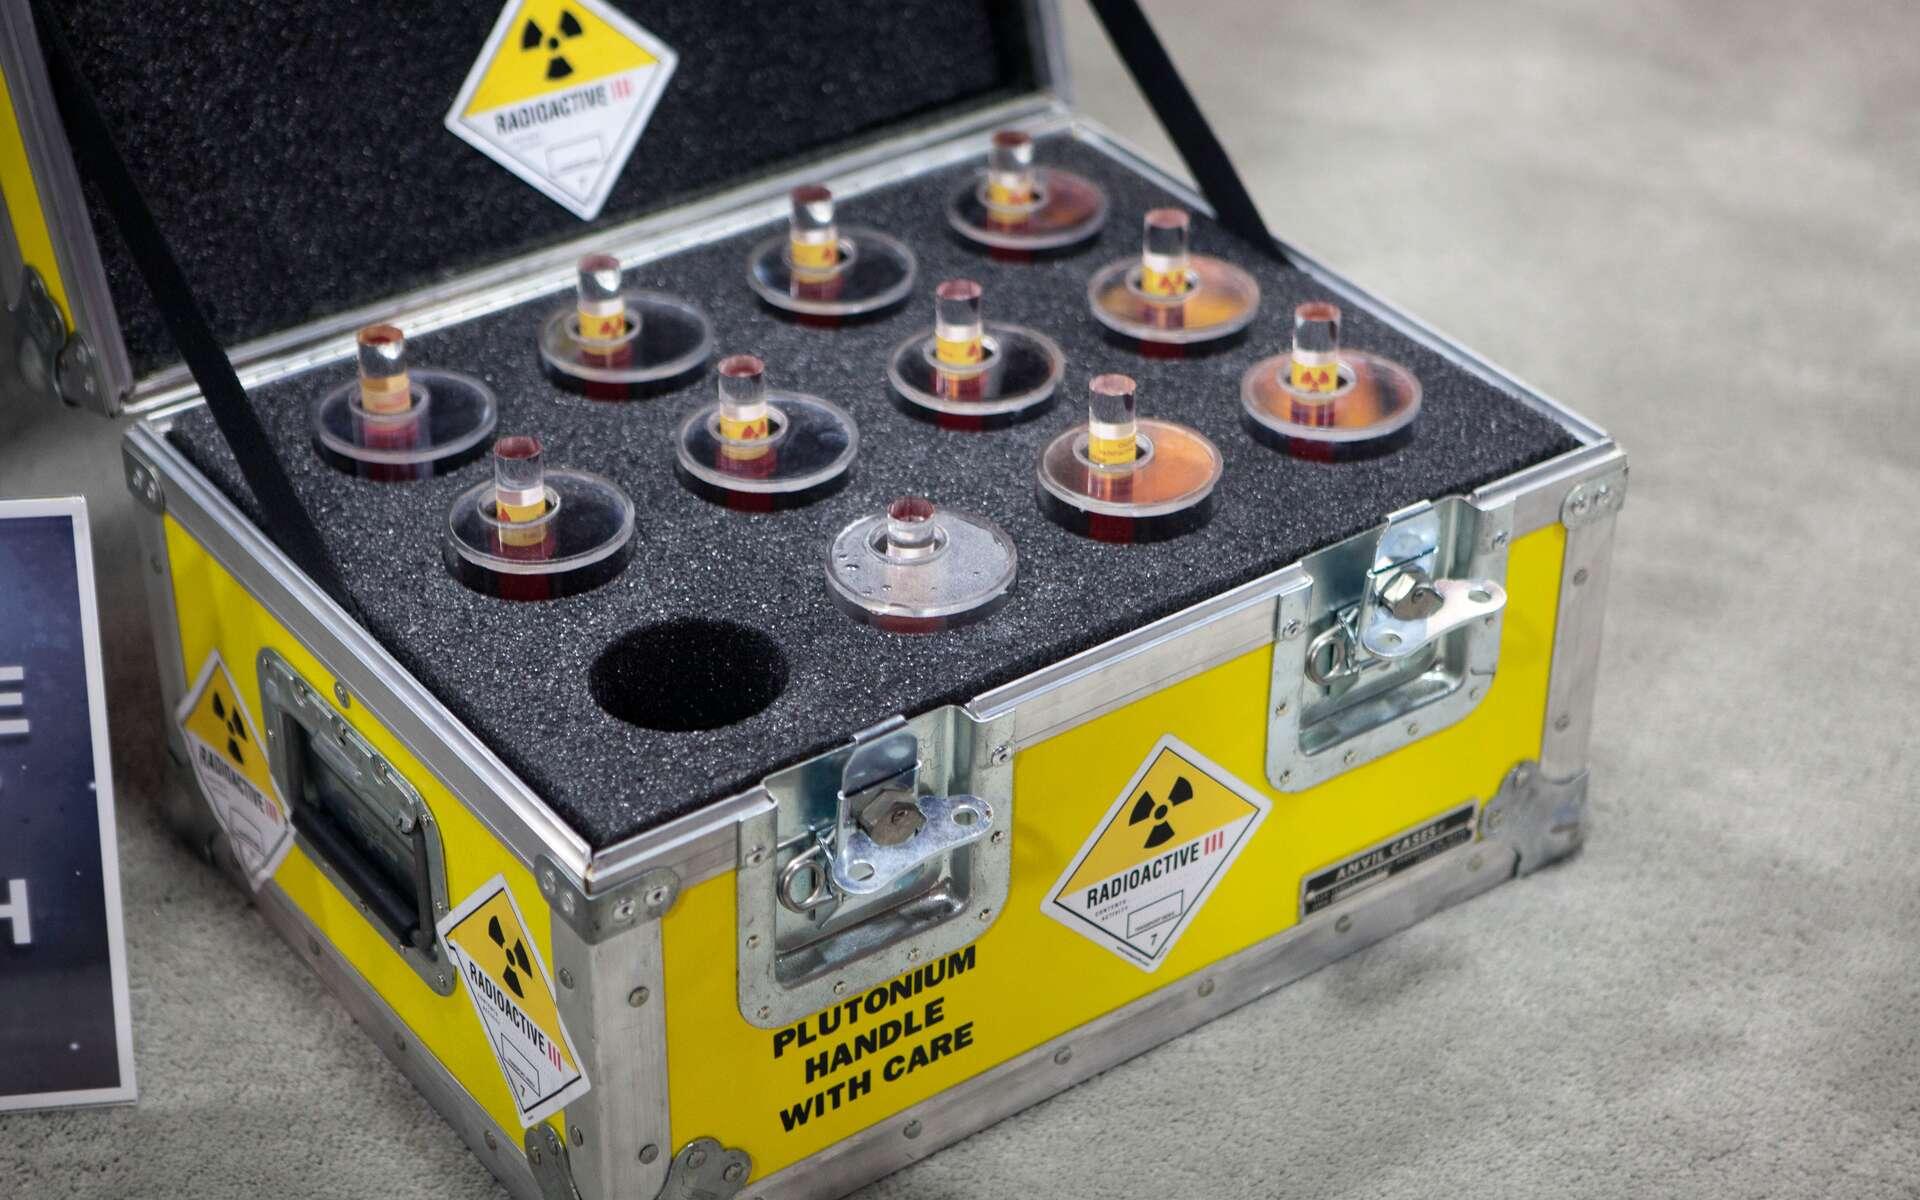 Le plutonium présente une radiotoxicité très élevée et doit être manipulé avec les plus grandes précautions. © Mooshuu, Flickr, CC by-sa 2.0